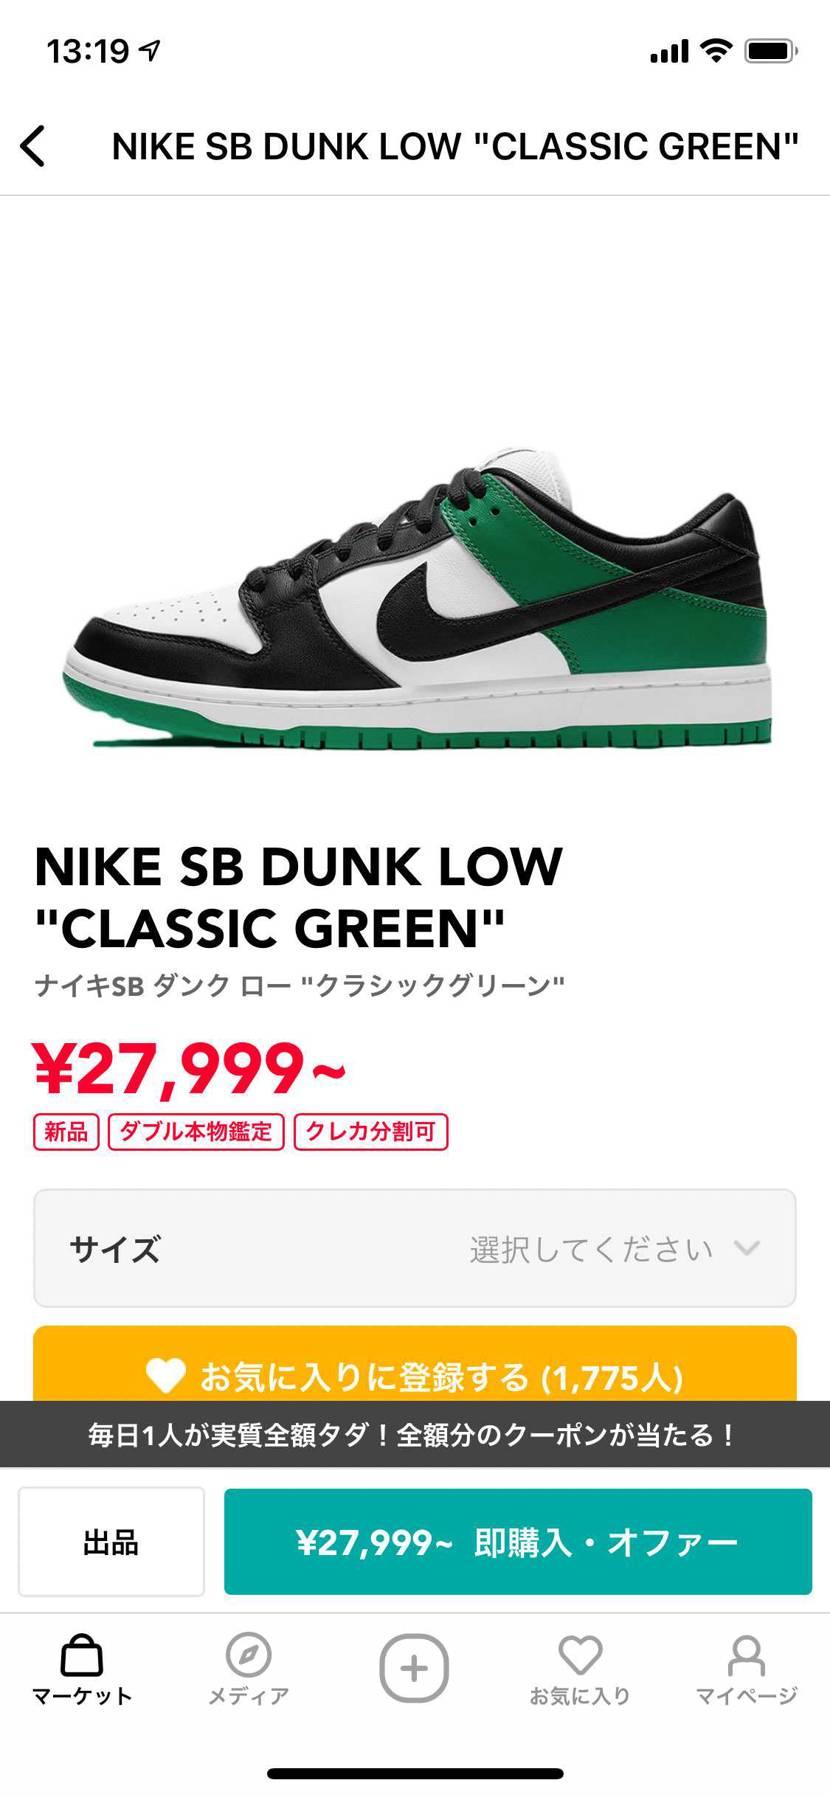 この二つ買うならどちらがいいですか?どちらもすぐ値上がりしそうなので迷ってます😭